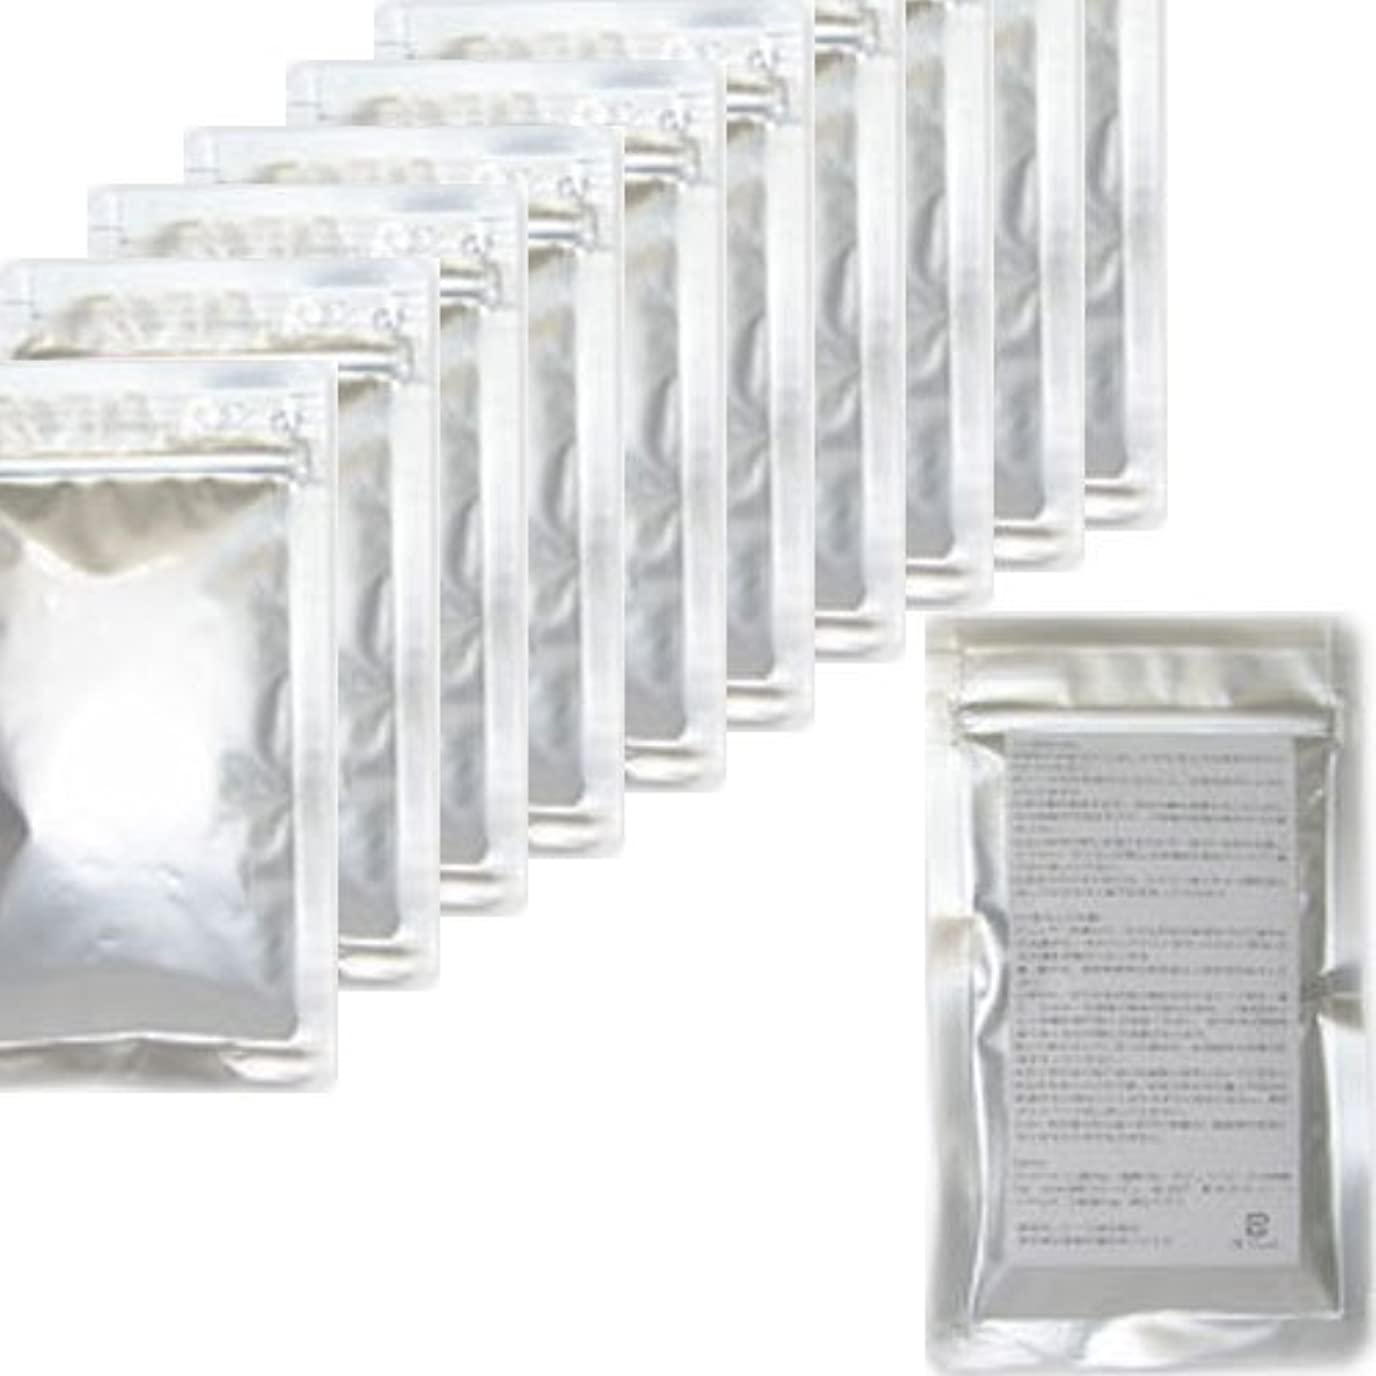 冷笑するポット素人業者様用 ローションバス とろとろ入浴剤「お風呂でねっとり」 業務用50g(50個セット) (無香料(ピンク))